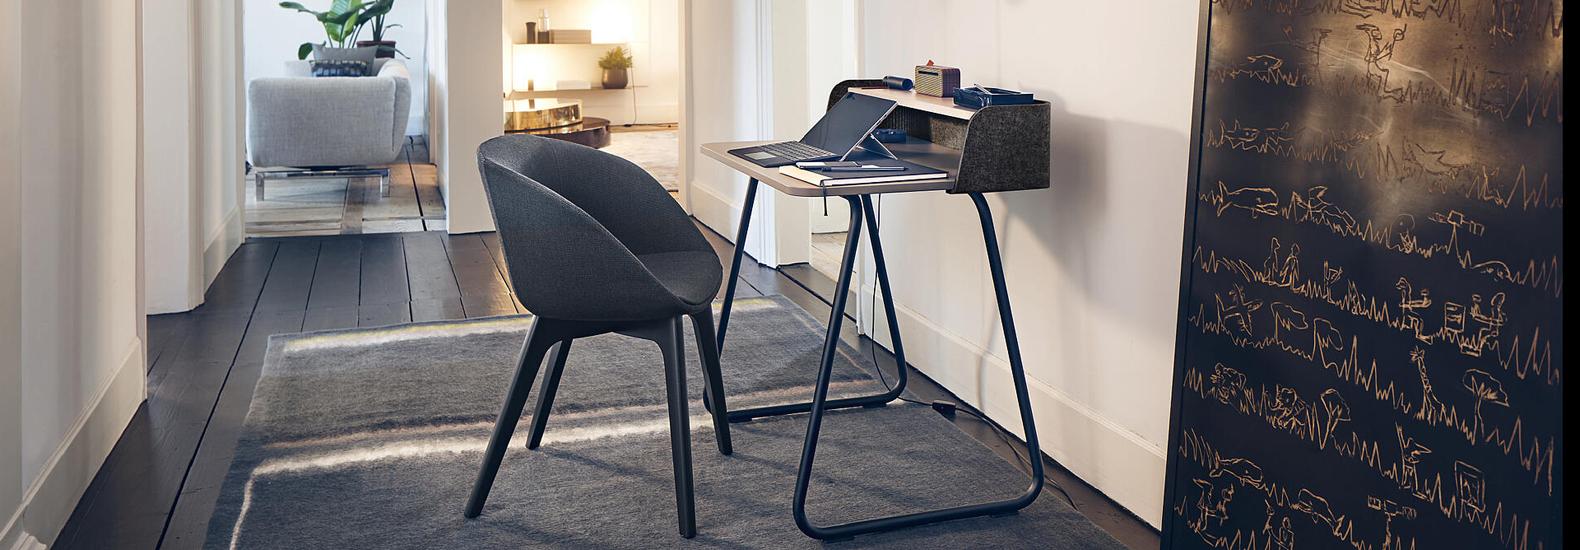 Sedus secretair home. Konfigurieren Sie ihren kompakten und platzsparenden Arbeitstisch fürs Home-Office bei office & objekt 42.